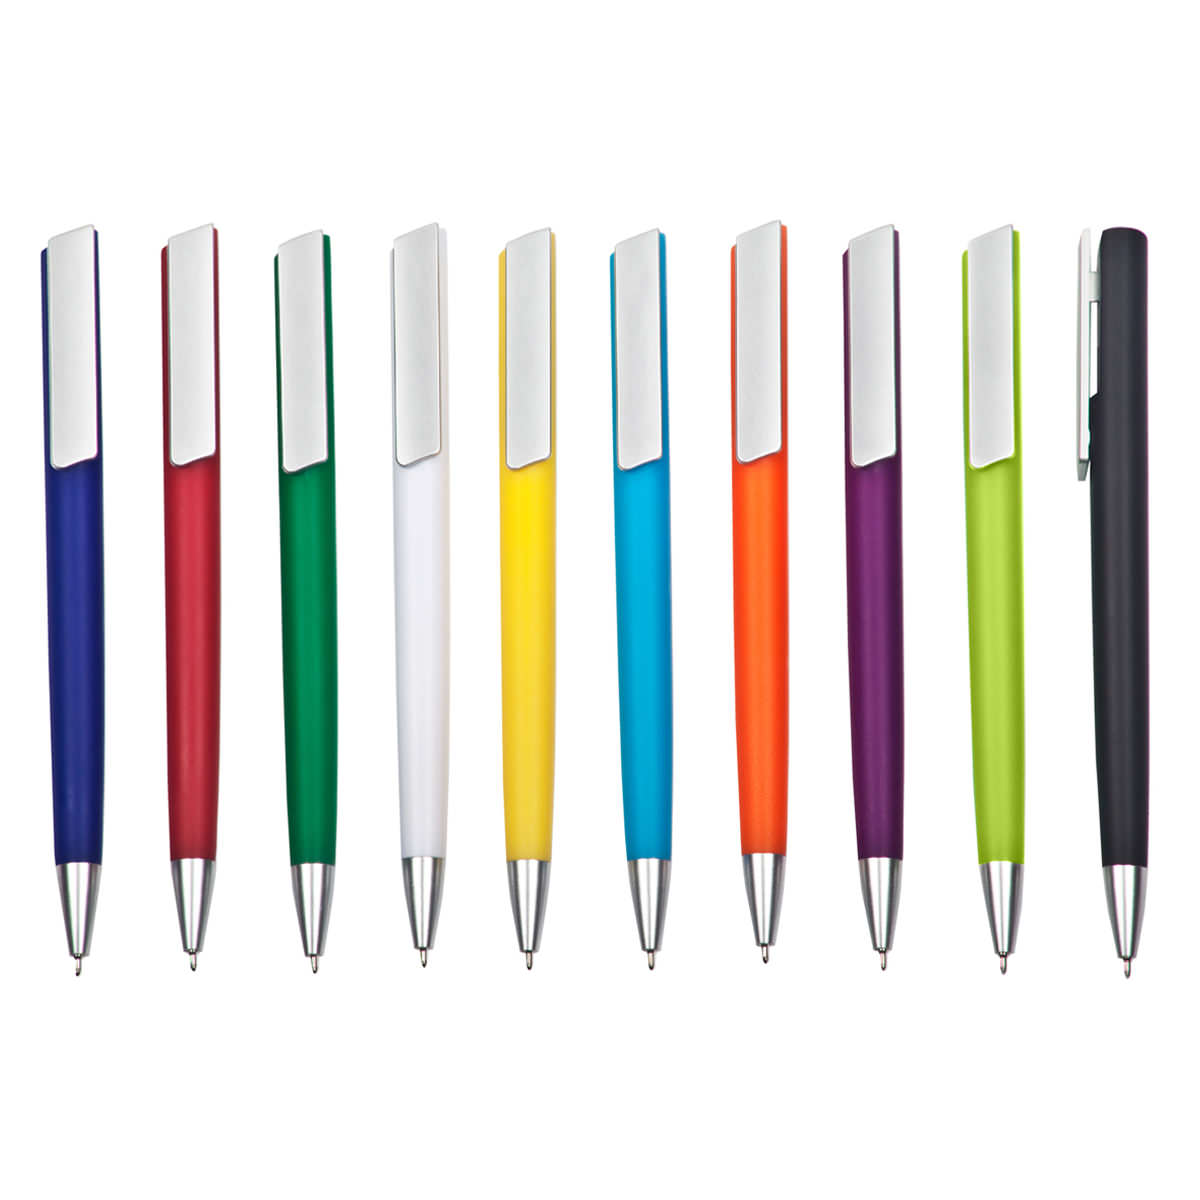 עט ג'ל, גוף פלסטיק - מלודי